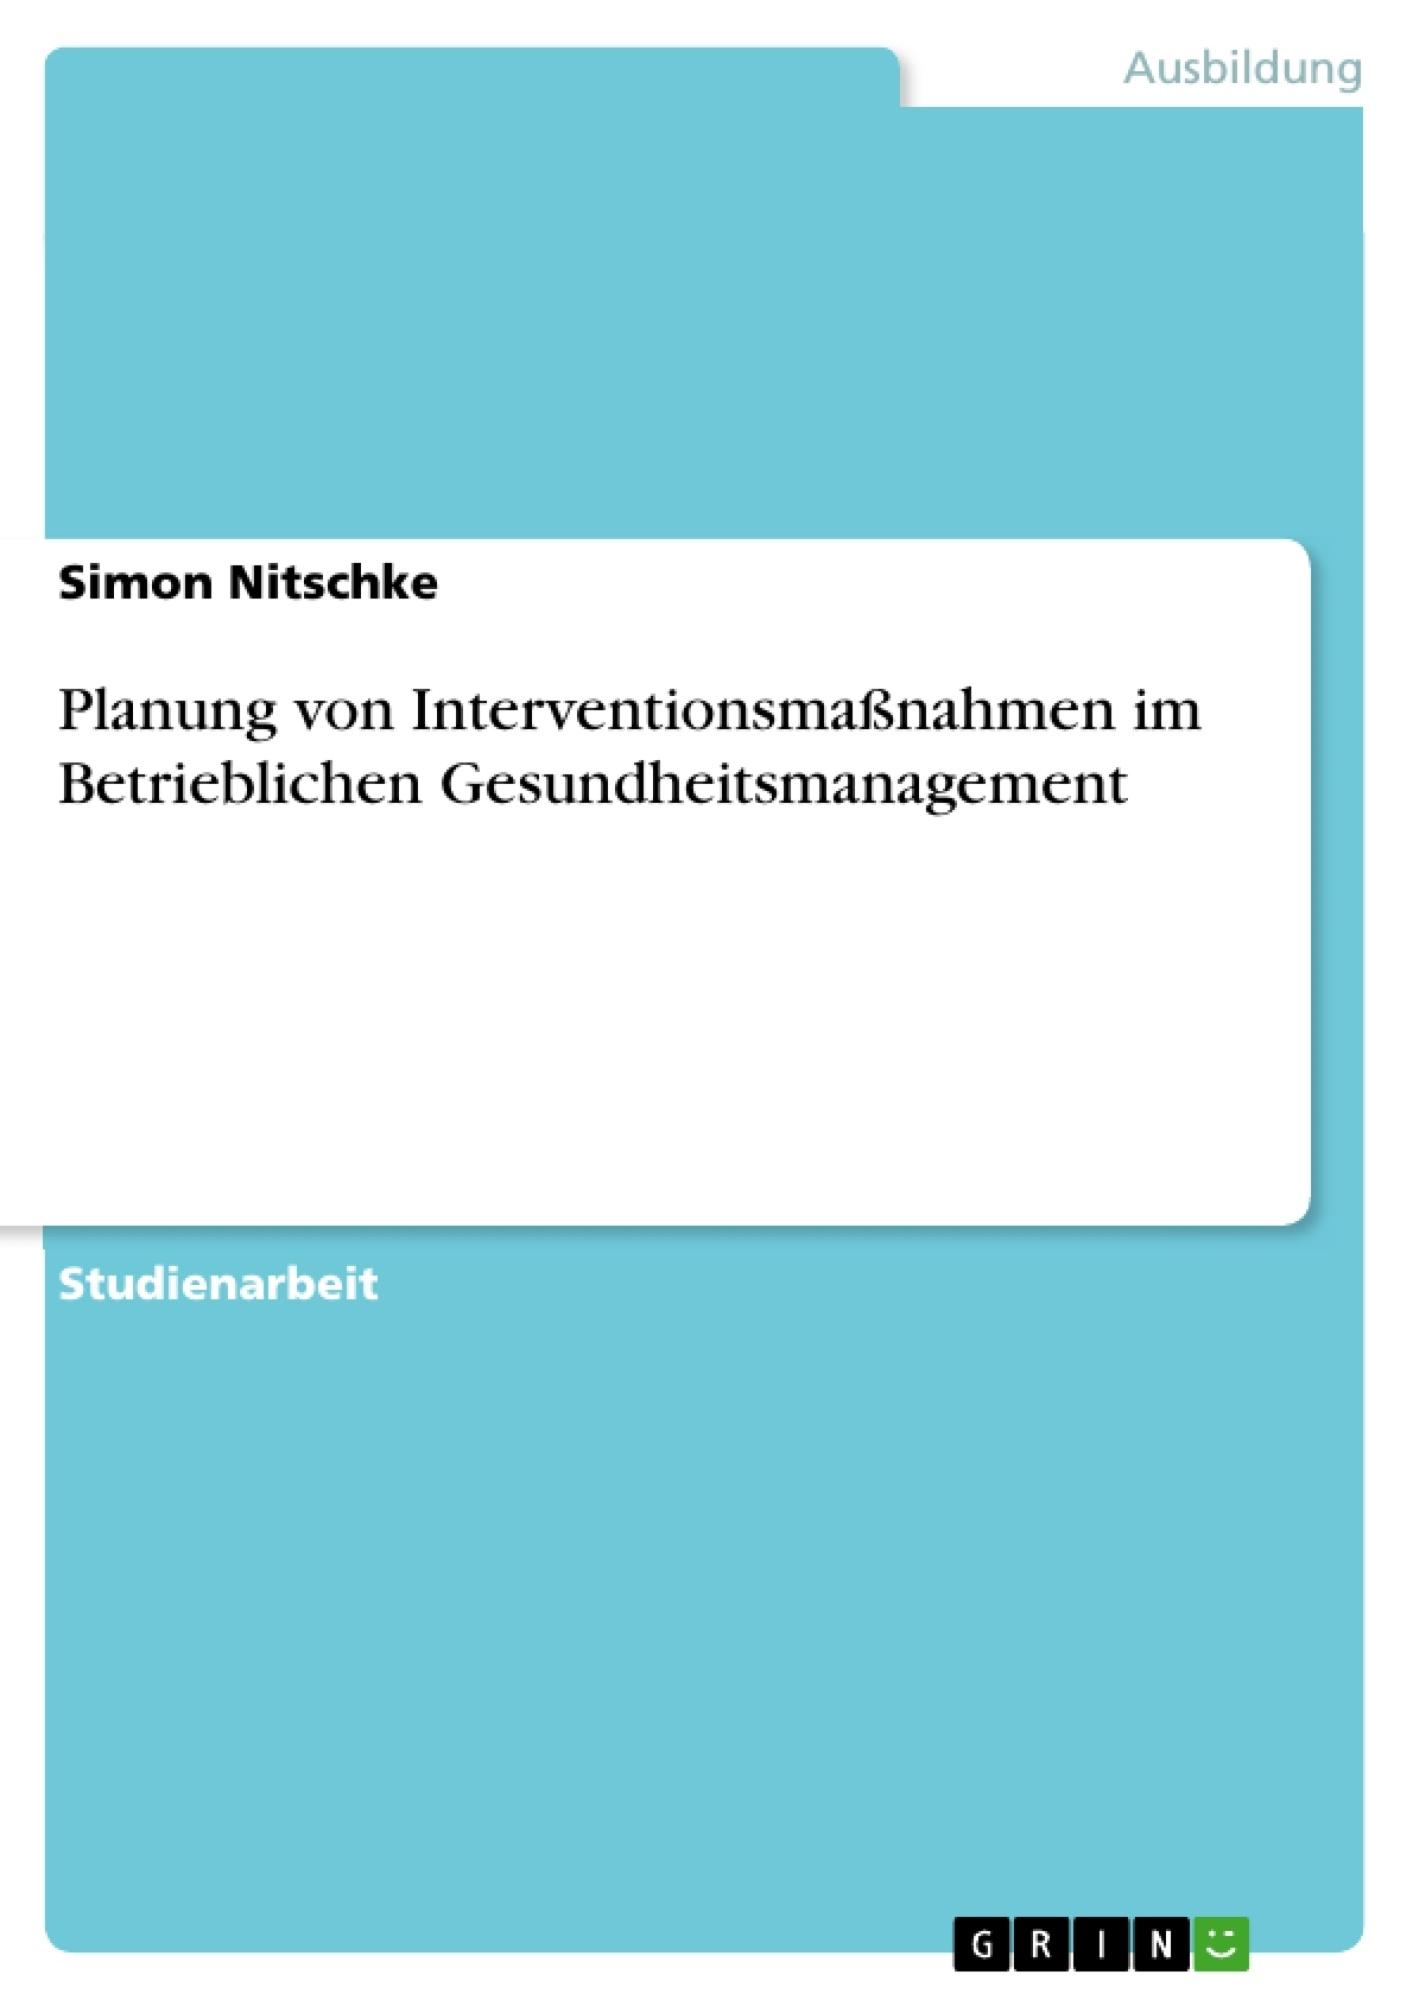 Titel: Planung von Interventionsmaßnahmen im Betrieblichen Gesundheitsmanagement